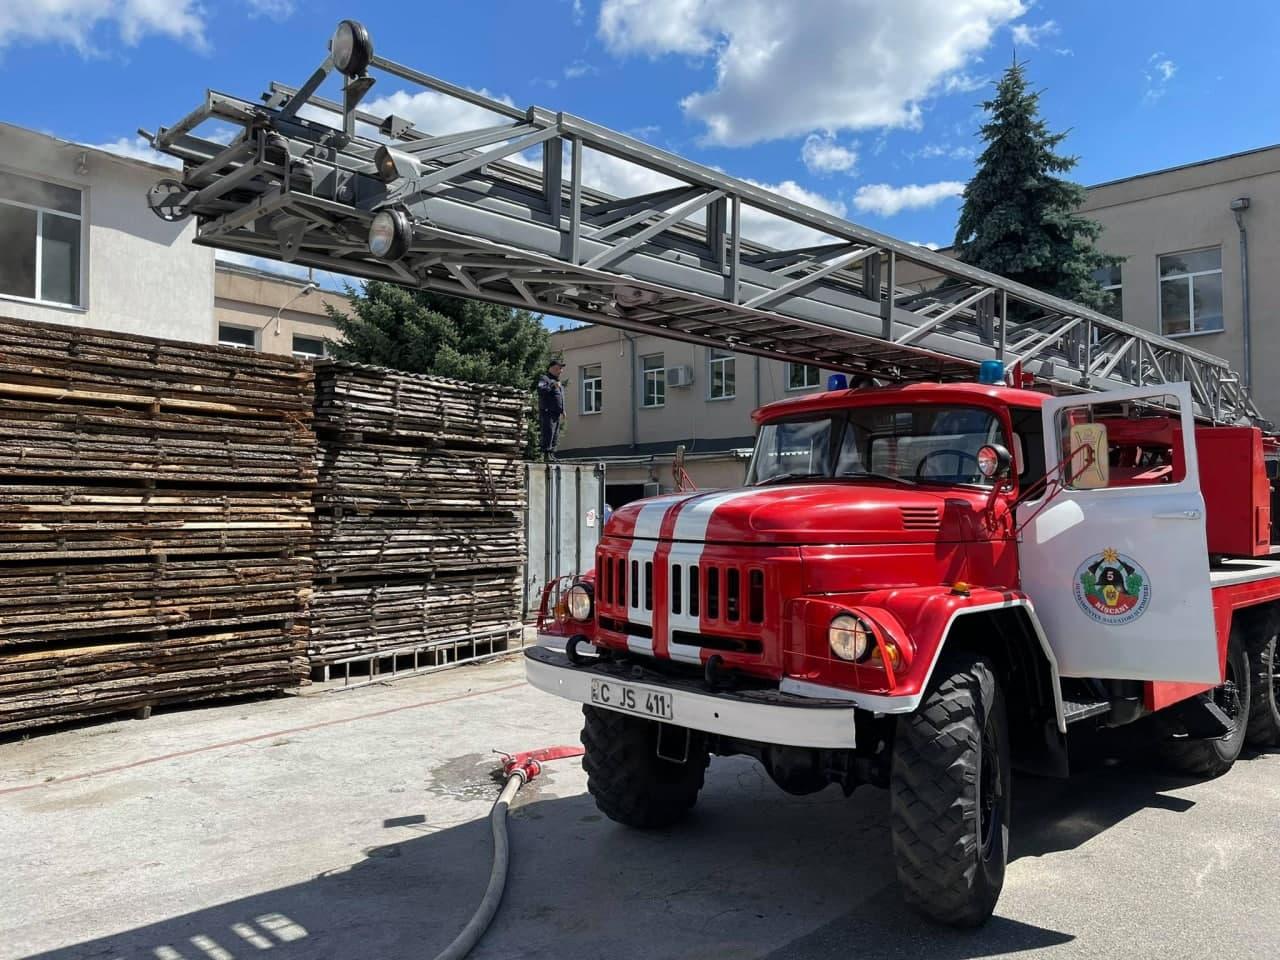 ВКишиневе вздании мебельной фабрики произошел пожар (ФОТО)